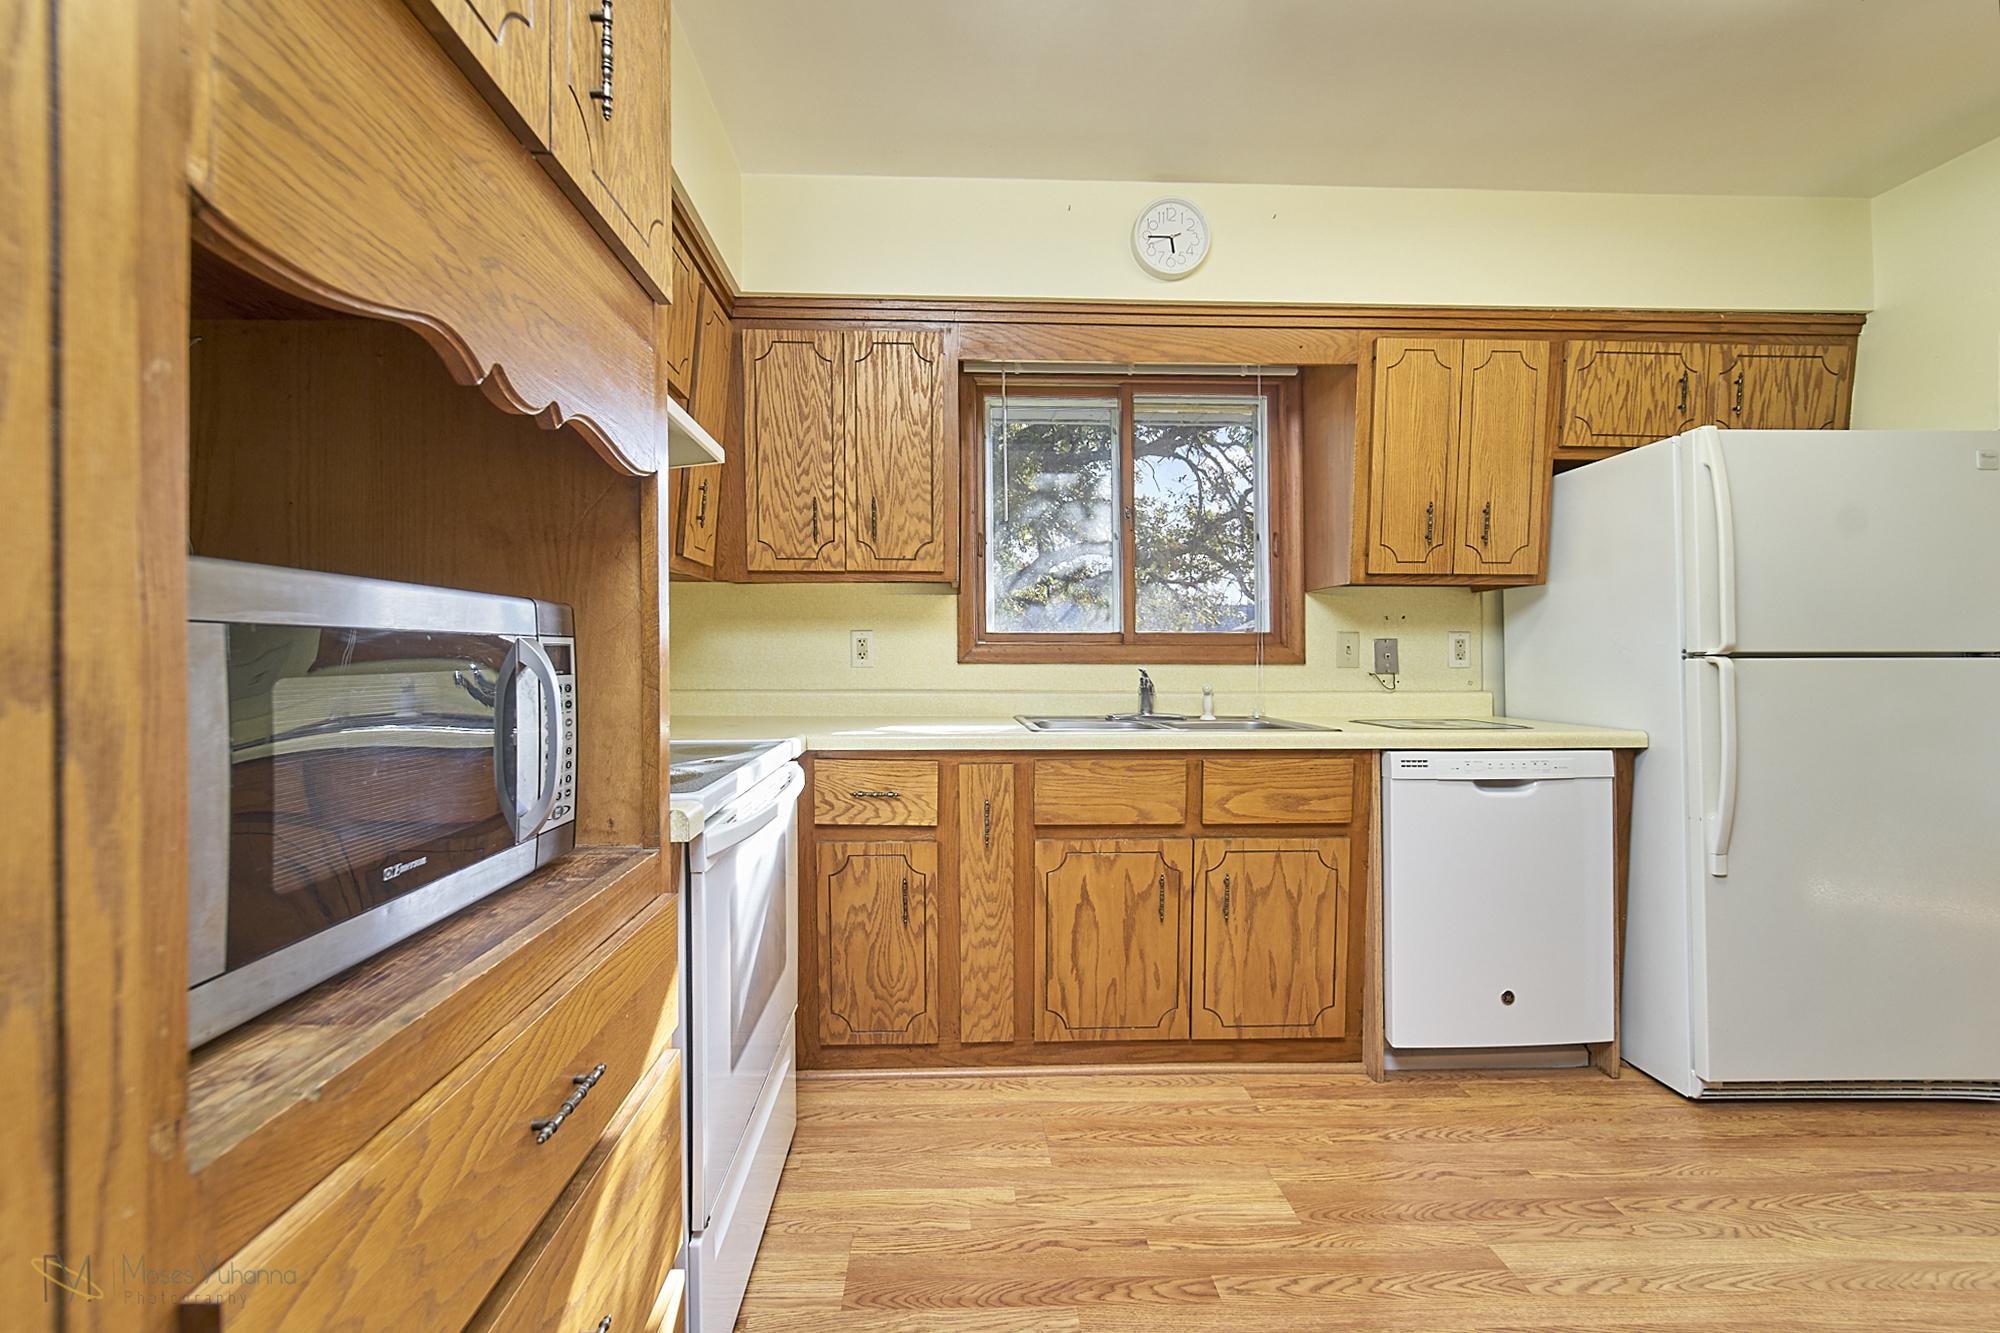 8166-Rondeau-Lake-Rd-E-Lino Lakes-11-kitchen.jpg